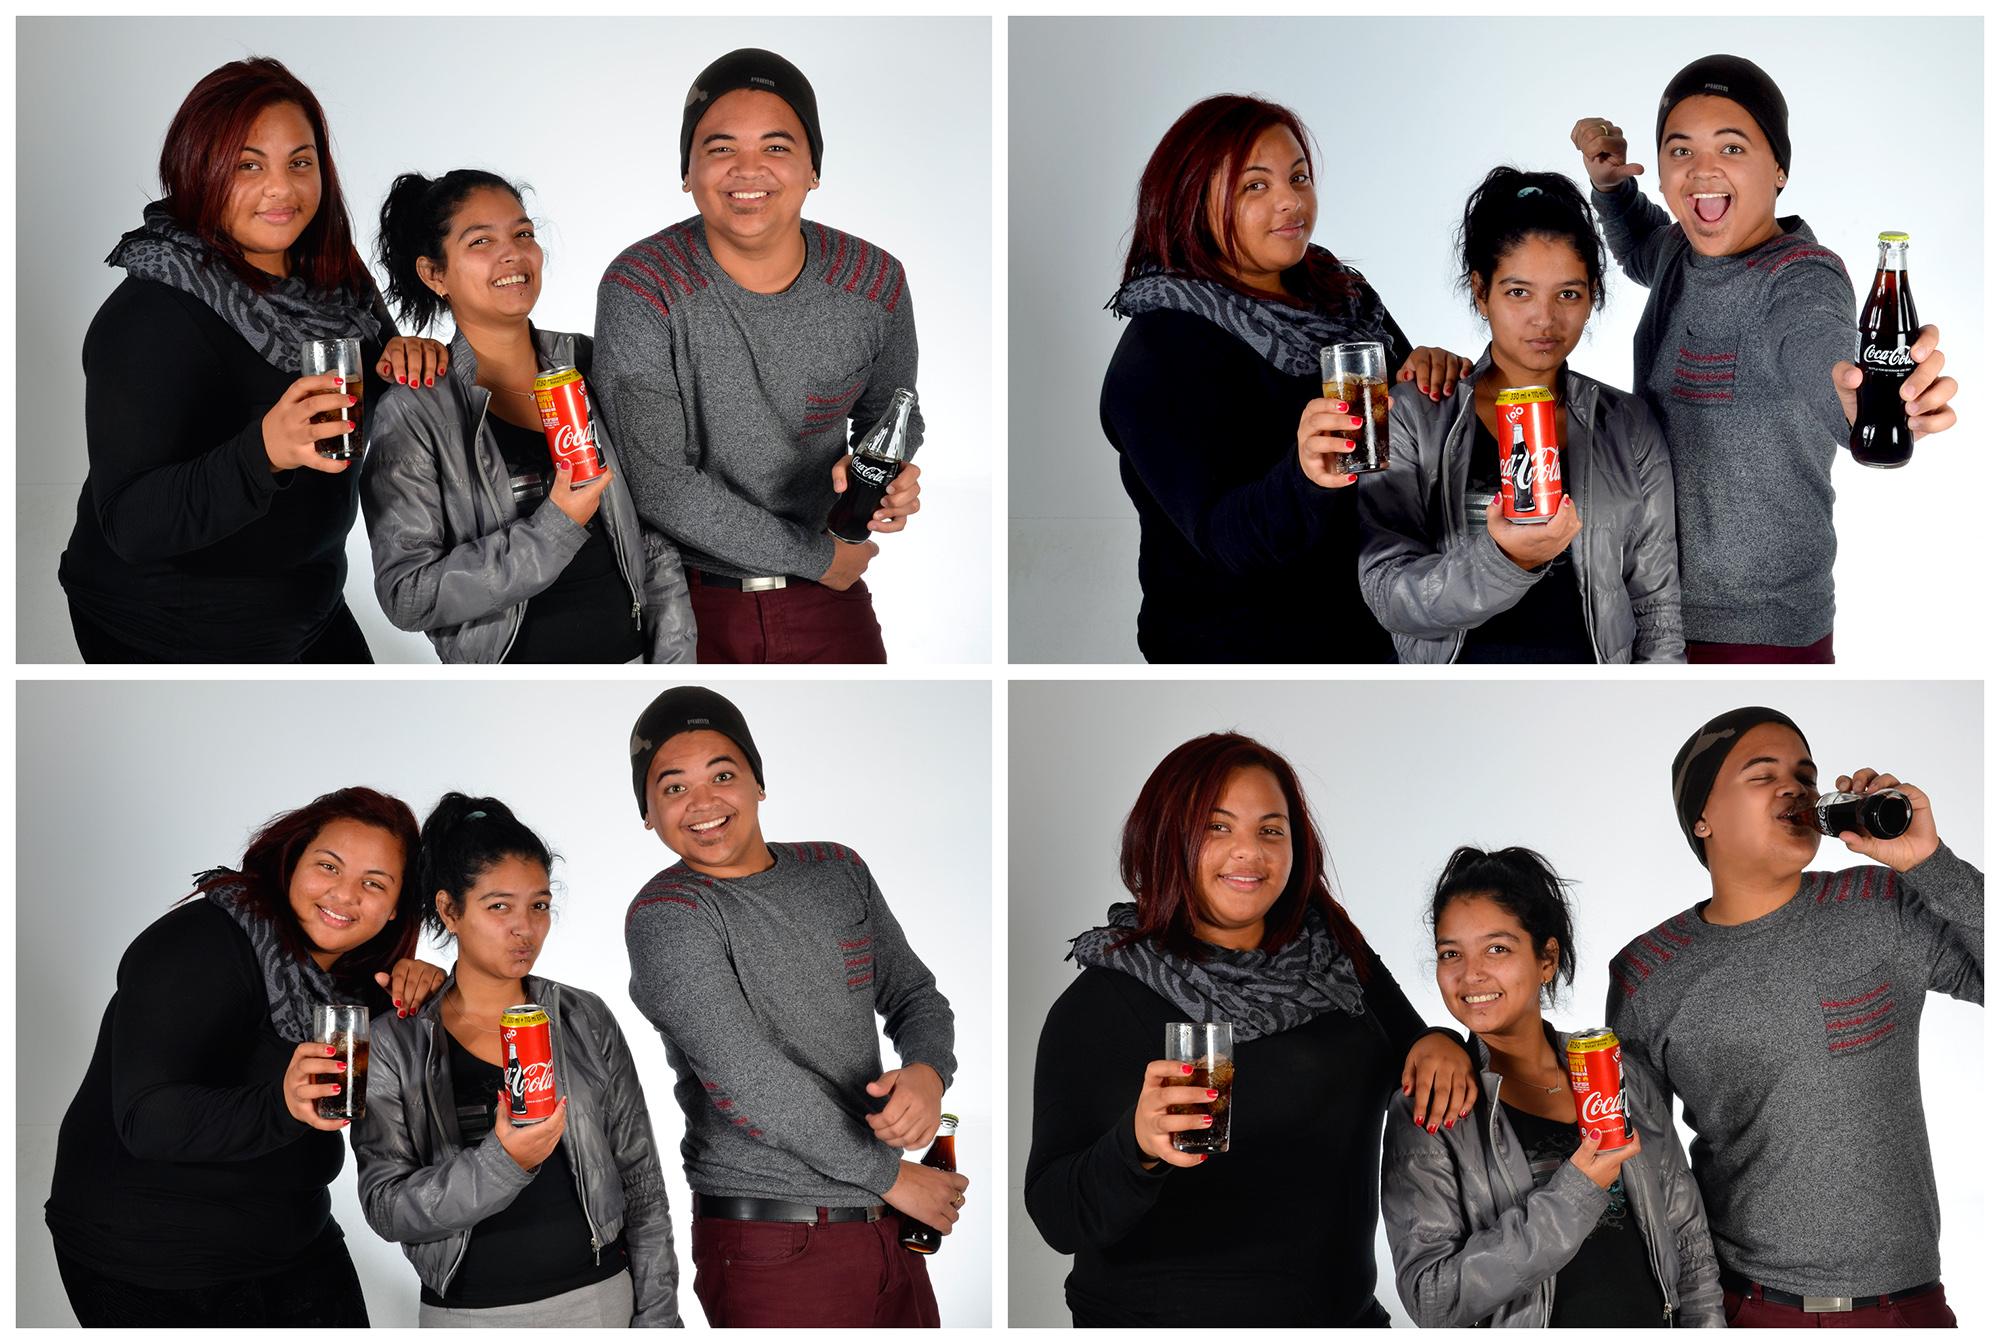 Clipart family 3 girls 1 boy jpg Clipart family 3 girls 1 boy - ClipartFox jpg